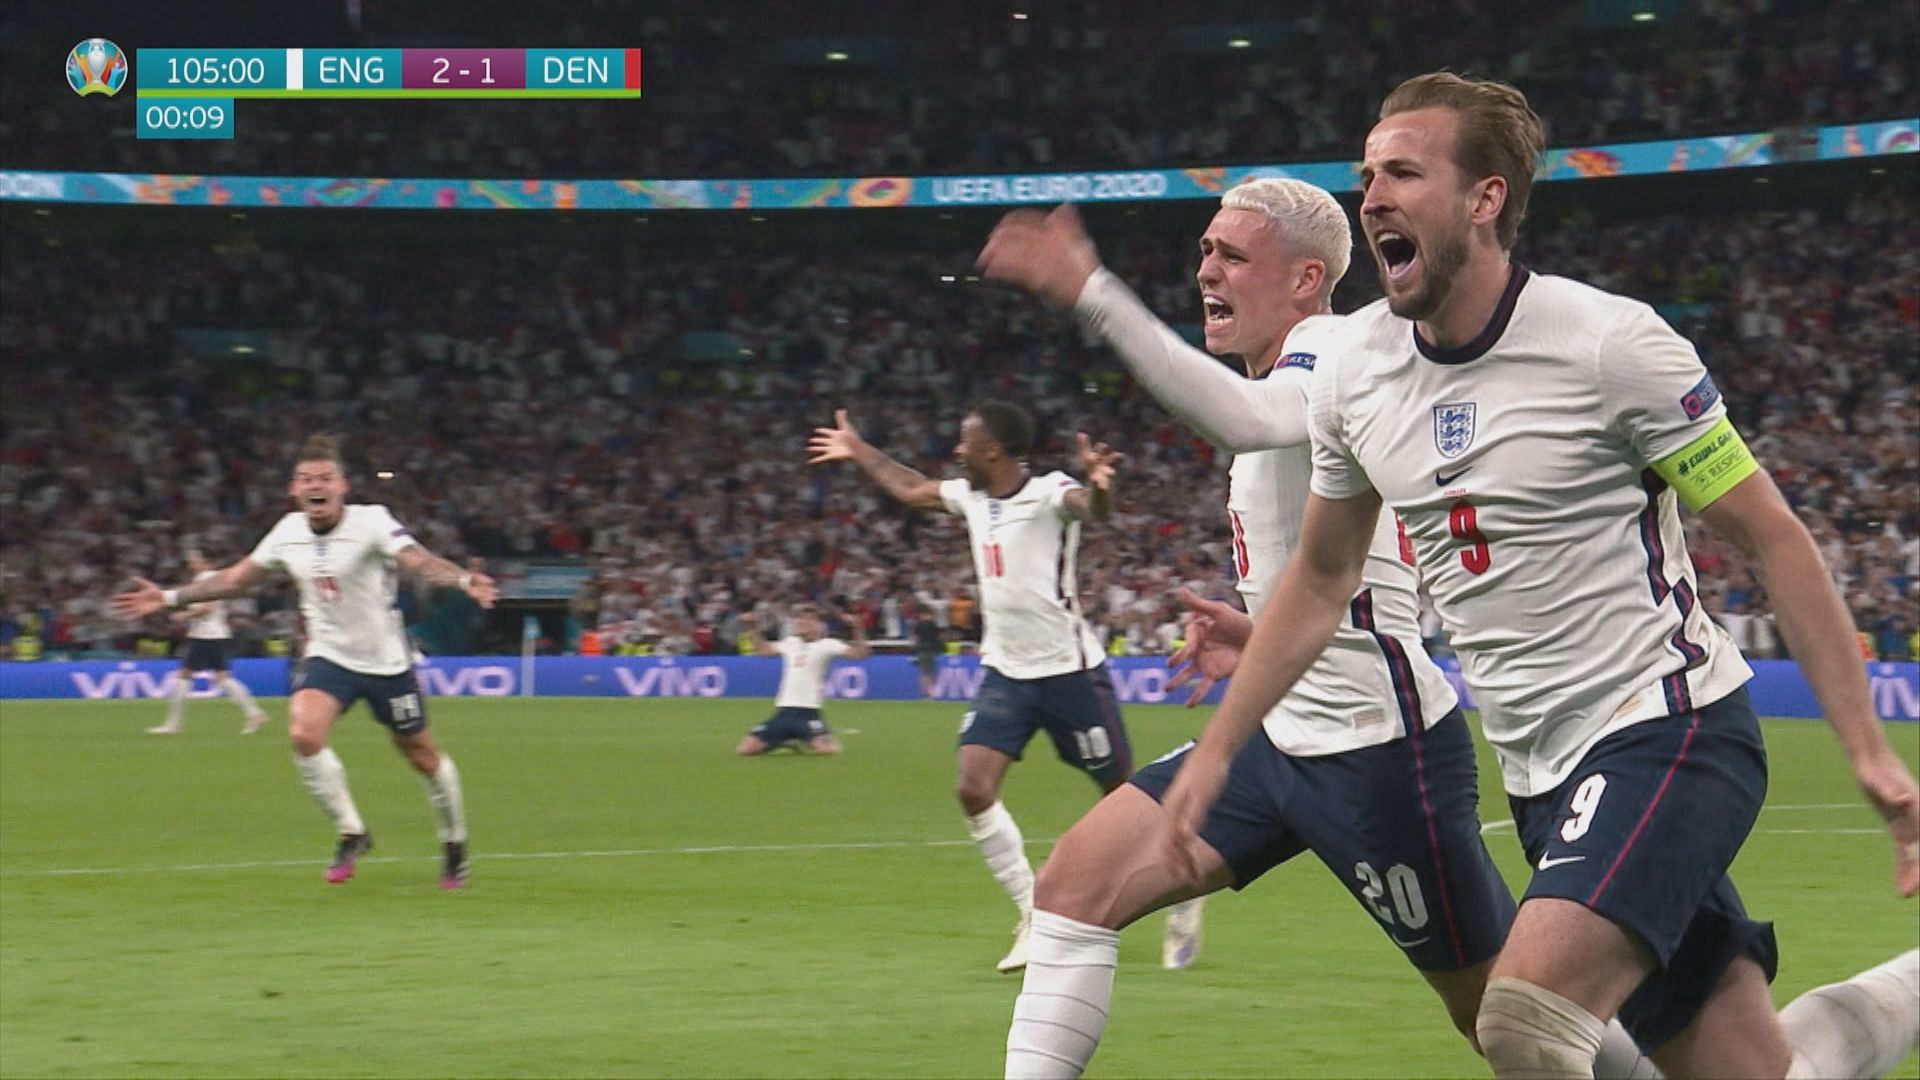 英格蘭2:1丹麥 首次打入歐國盃決賽